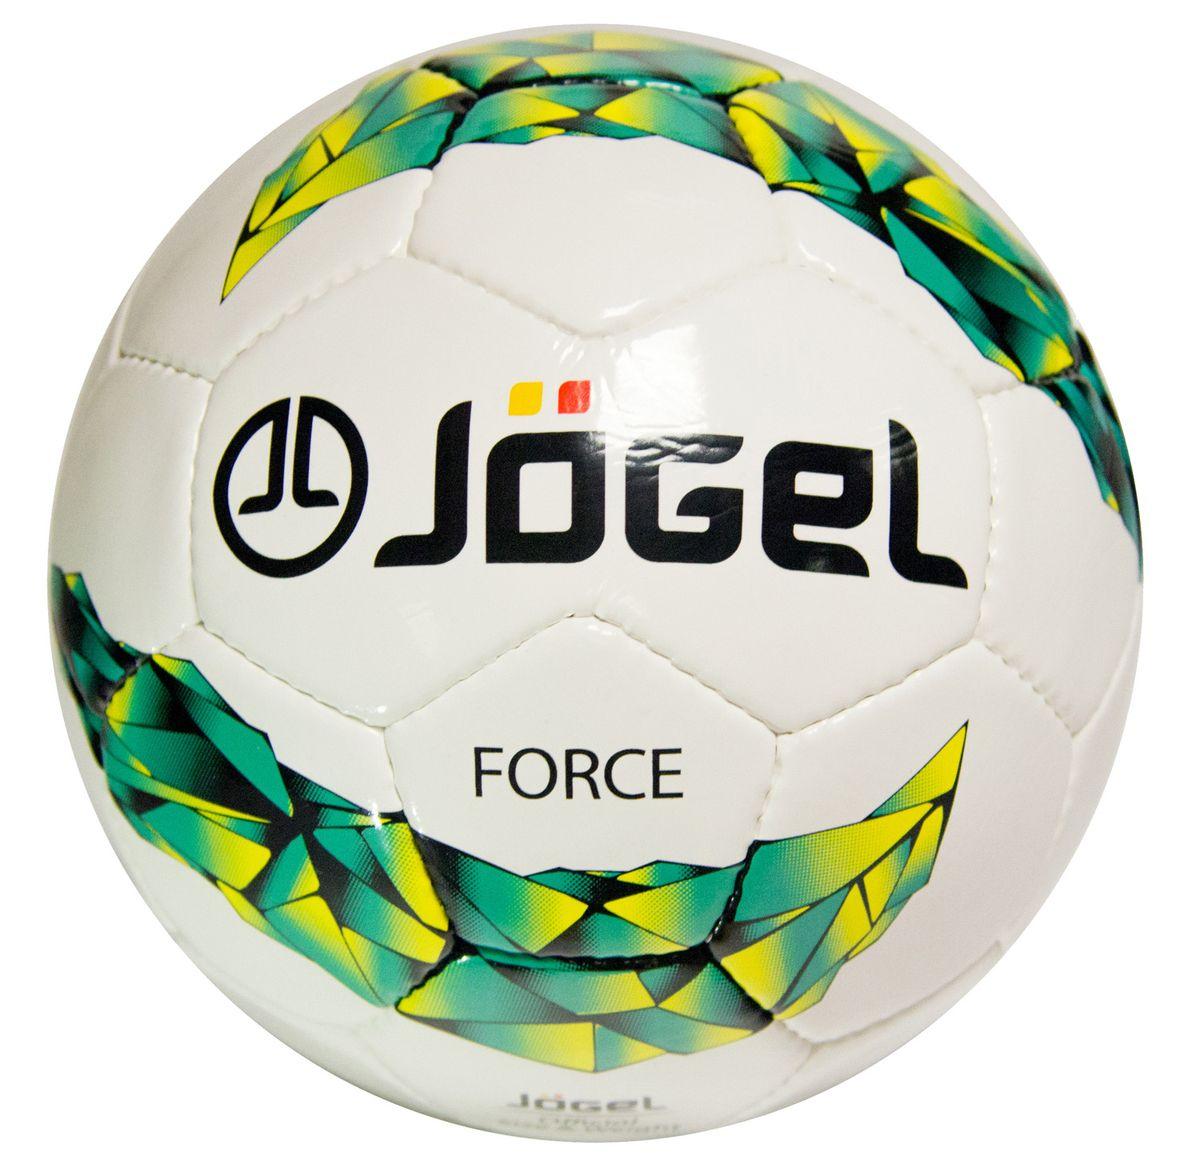 Мяч футбольный Jogel Force, цвет: белый, зеленый, желтый. Размер 4. JS-450BFB-301 dark blueФутбольный мяч Jogel JS-450 Force прекрасная любительская модель ручной сшивки. Покрышка мяча выполнена из сочетания поливинилхлорида и полиуретана, за счет чего достигается дополнительная плотность и износостойкость. Мяч Jogel JS-450 Force предназначен для любительской игры и тренировок любительских команд.Мяч имеет 4 подкладочных слоя на нетканой основе (смесь хлопка с полиэстером) и латексную камеру с бутиловым ниппелем, который обеспечивает долгое сохранение воздуха в камере.Мяч не рекомендован для игры при низких температурах (ниже +5°С).Вес: 410-450 гр.Длина окружности: 68-70 см.Рекомендованное давление: 0.6-0.8 бар.УВАЖАЕМЫЕ КЛИЕНТЫ!Обращаем ваше внимание на тот факт, что мяч поставляется в сдутом виде. Насос в комплект не входит.